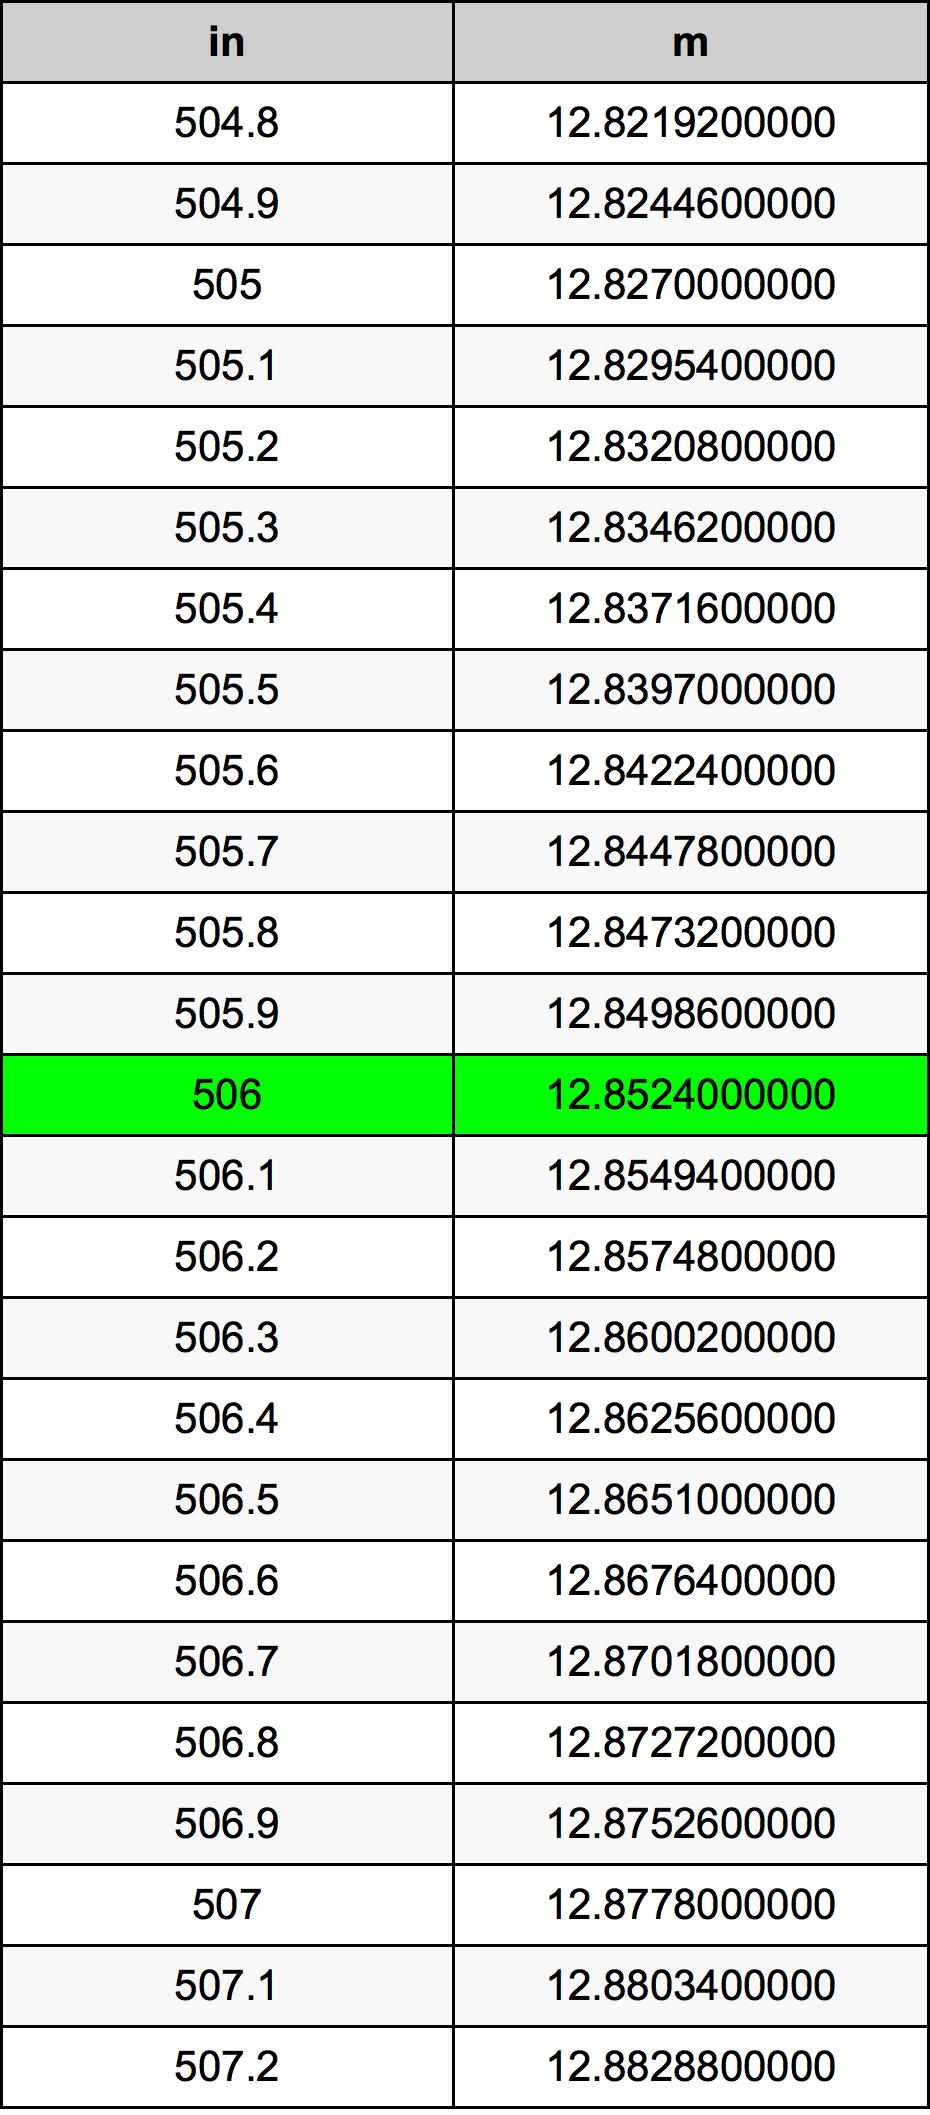 506 Pulzier konverżjoni tabella